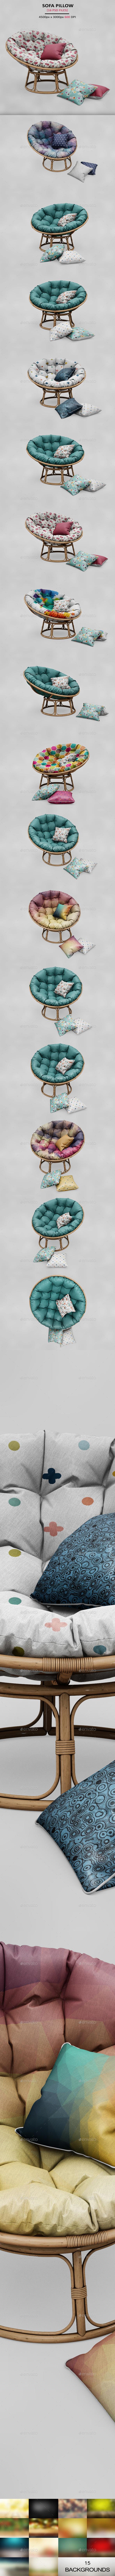 Circle Sofa Pillow MockUp - Product Mock-Ups Graphics